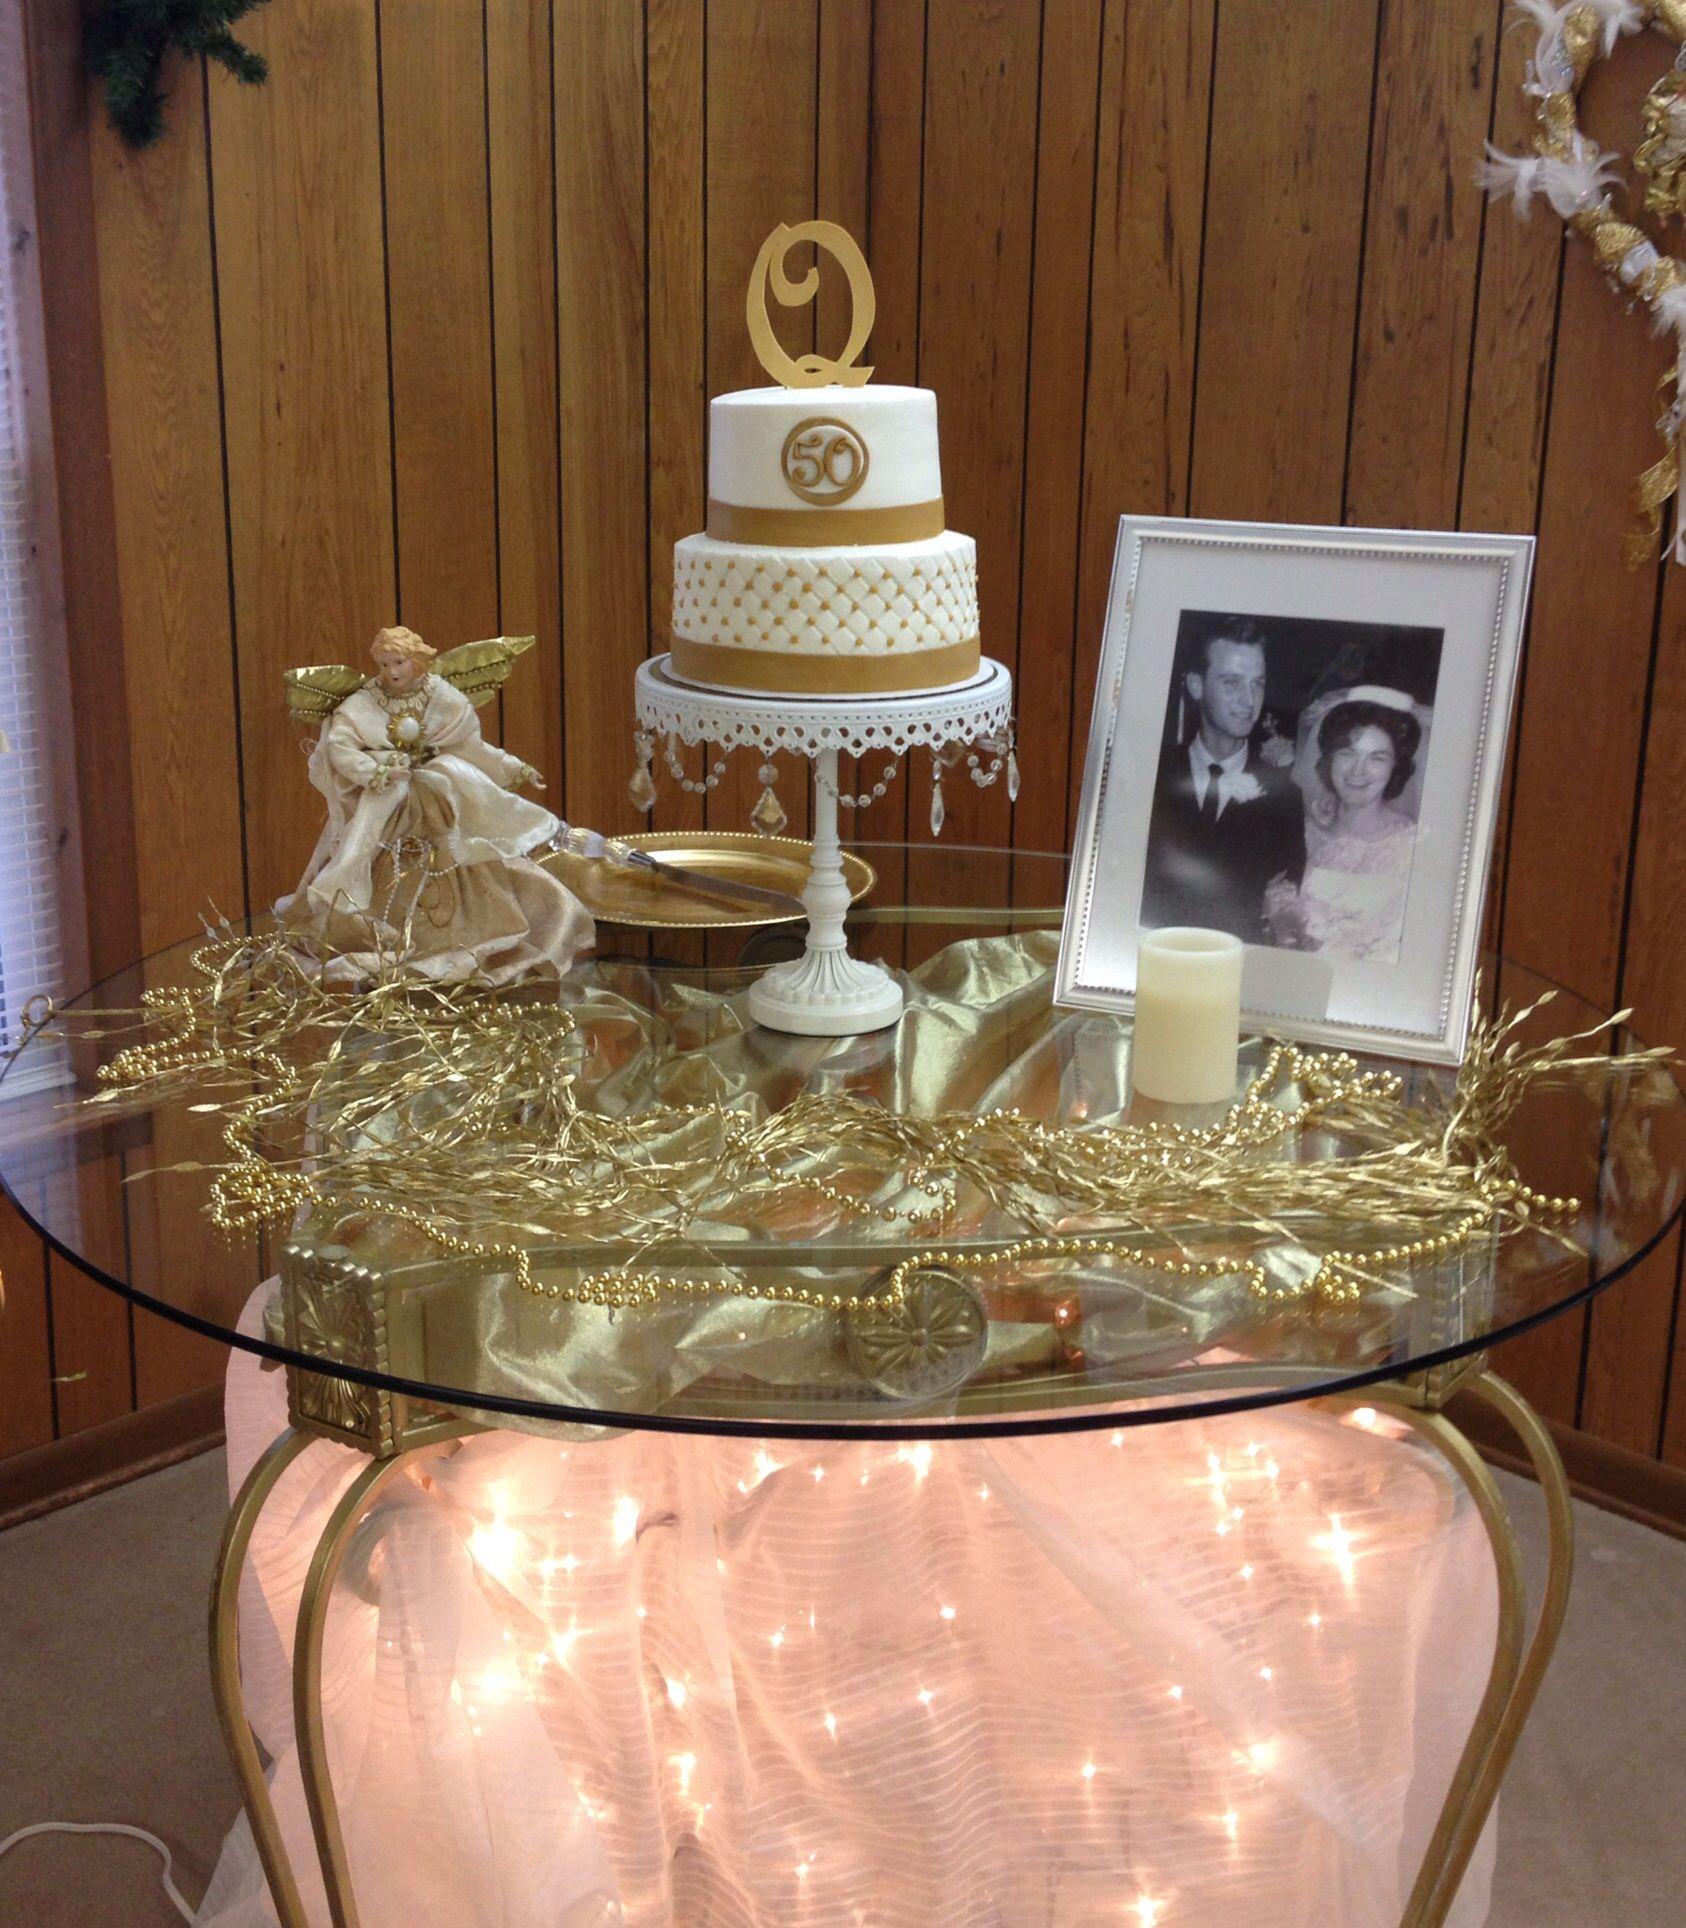 50th anniversary cake 50th wedding anniversary